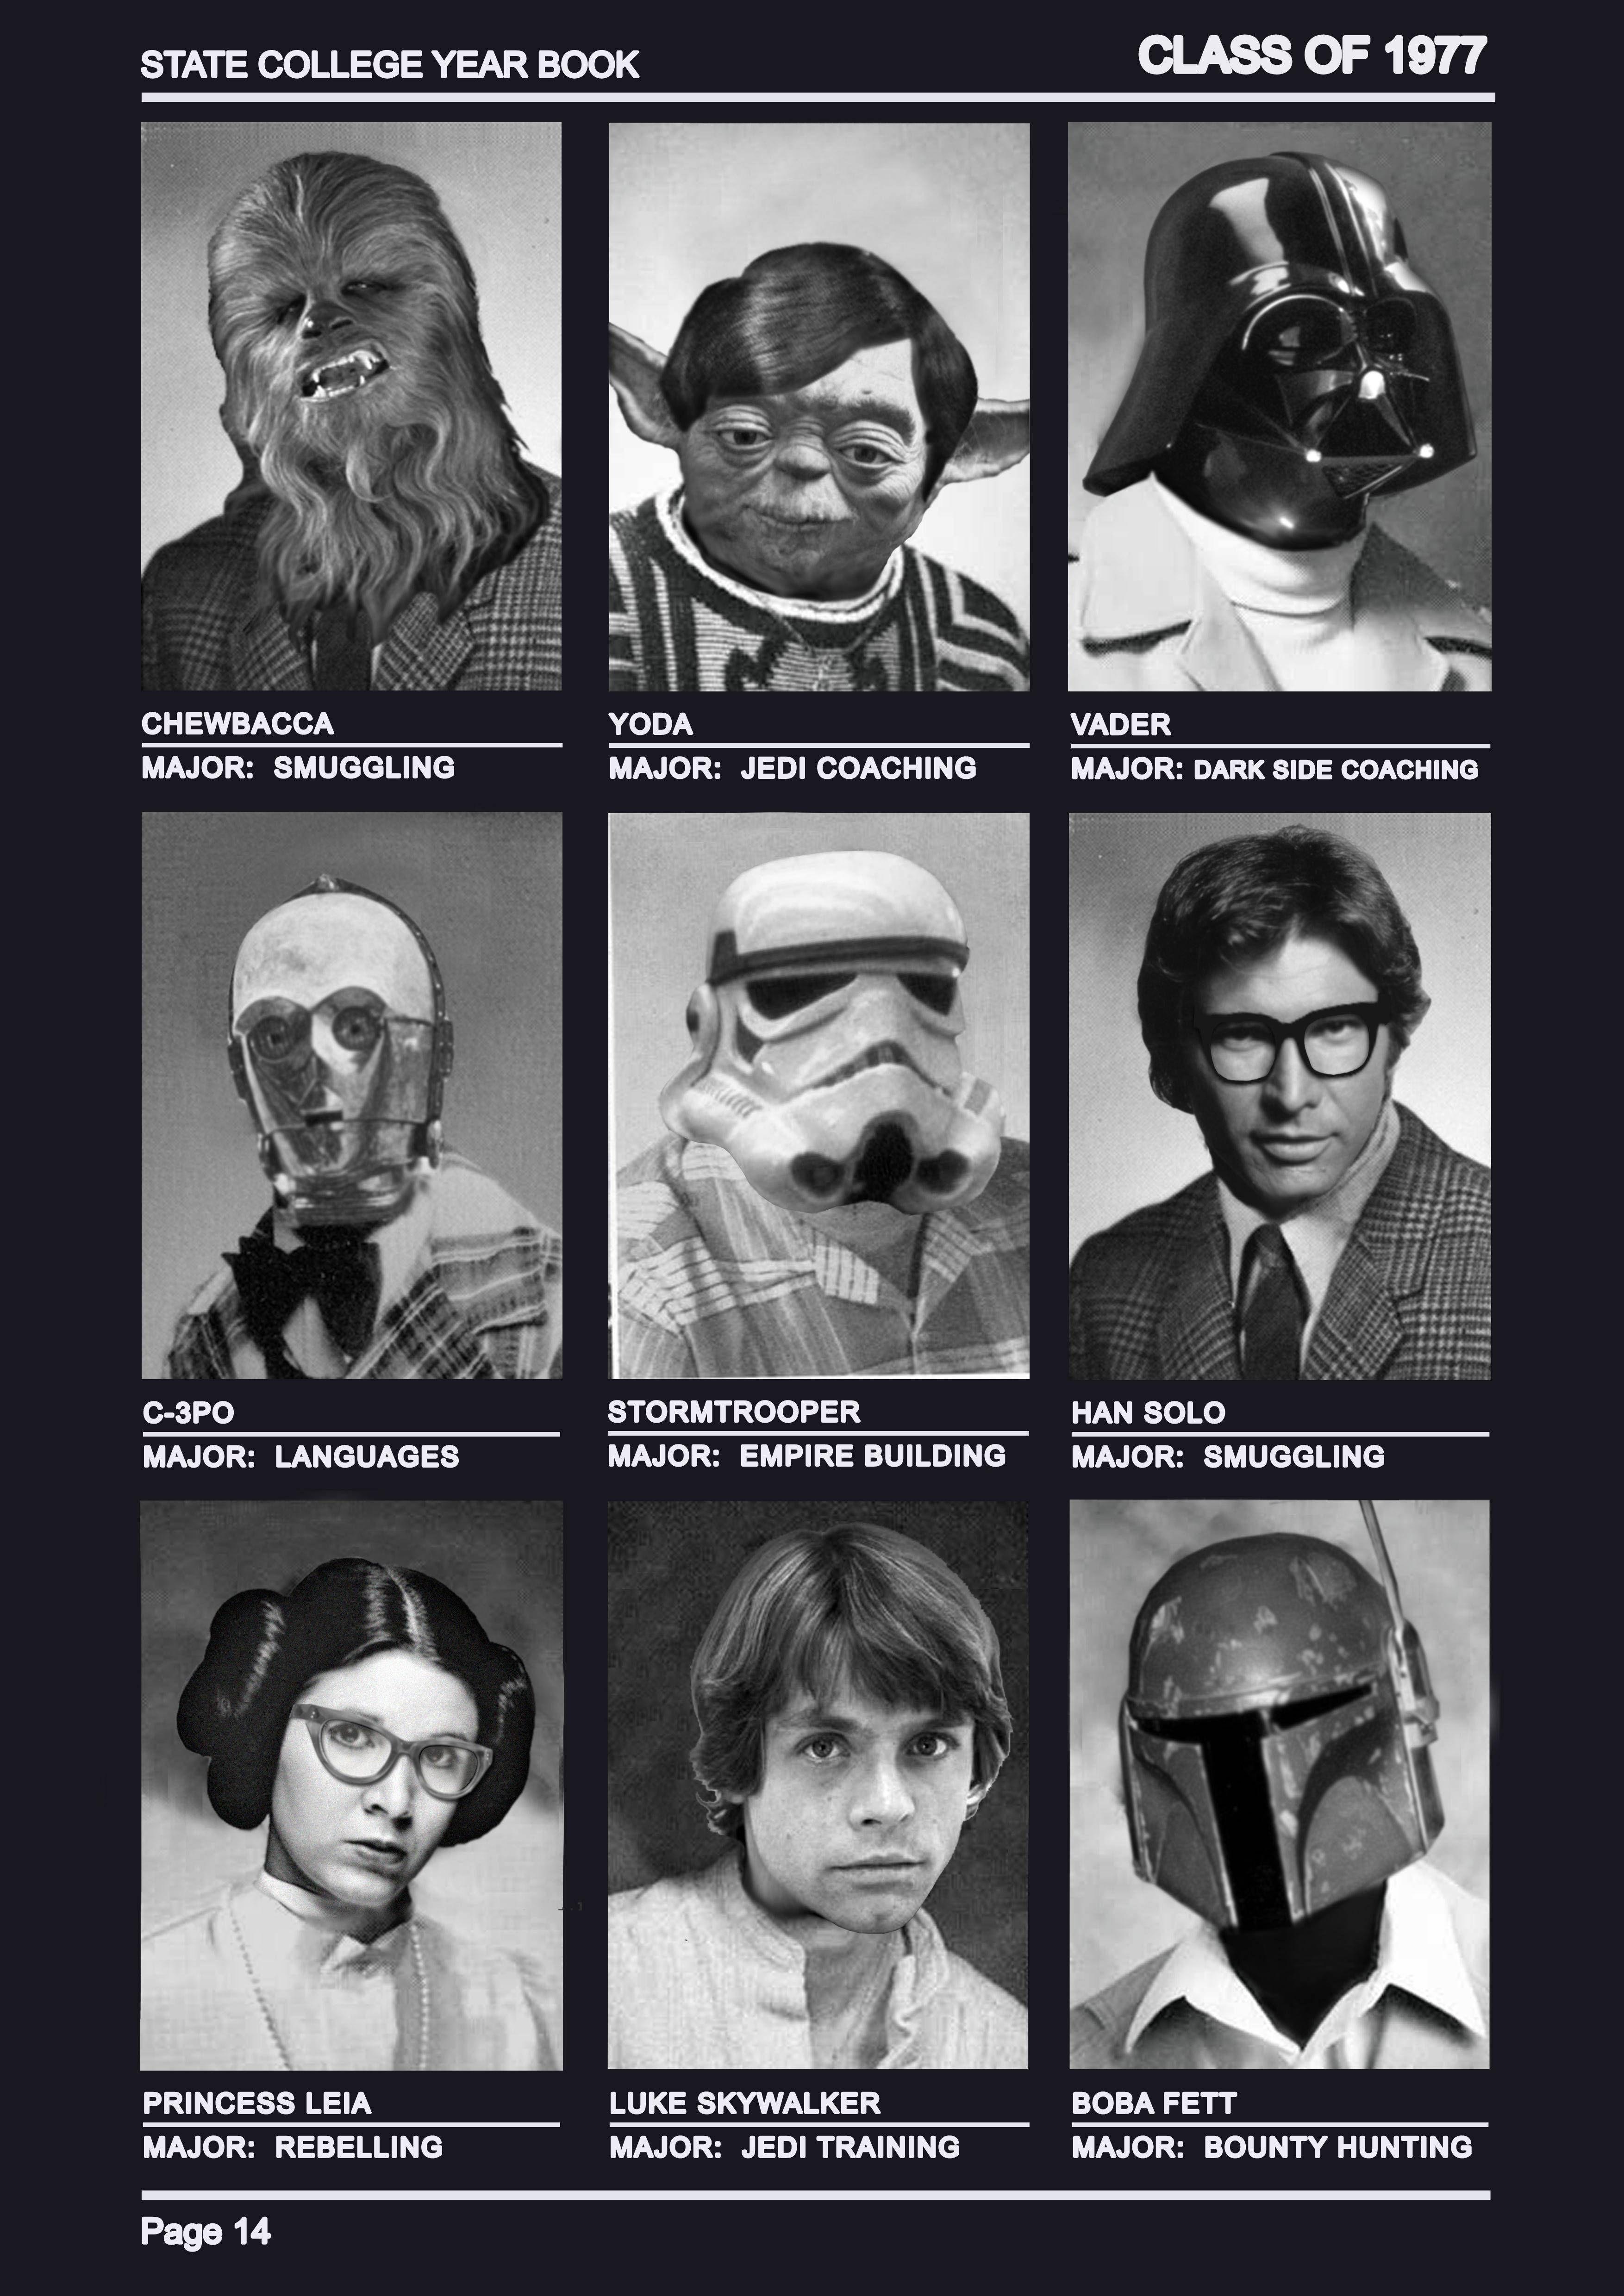 class of 1977 wars yoda looks like a professor who d host